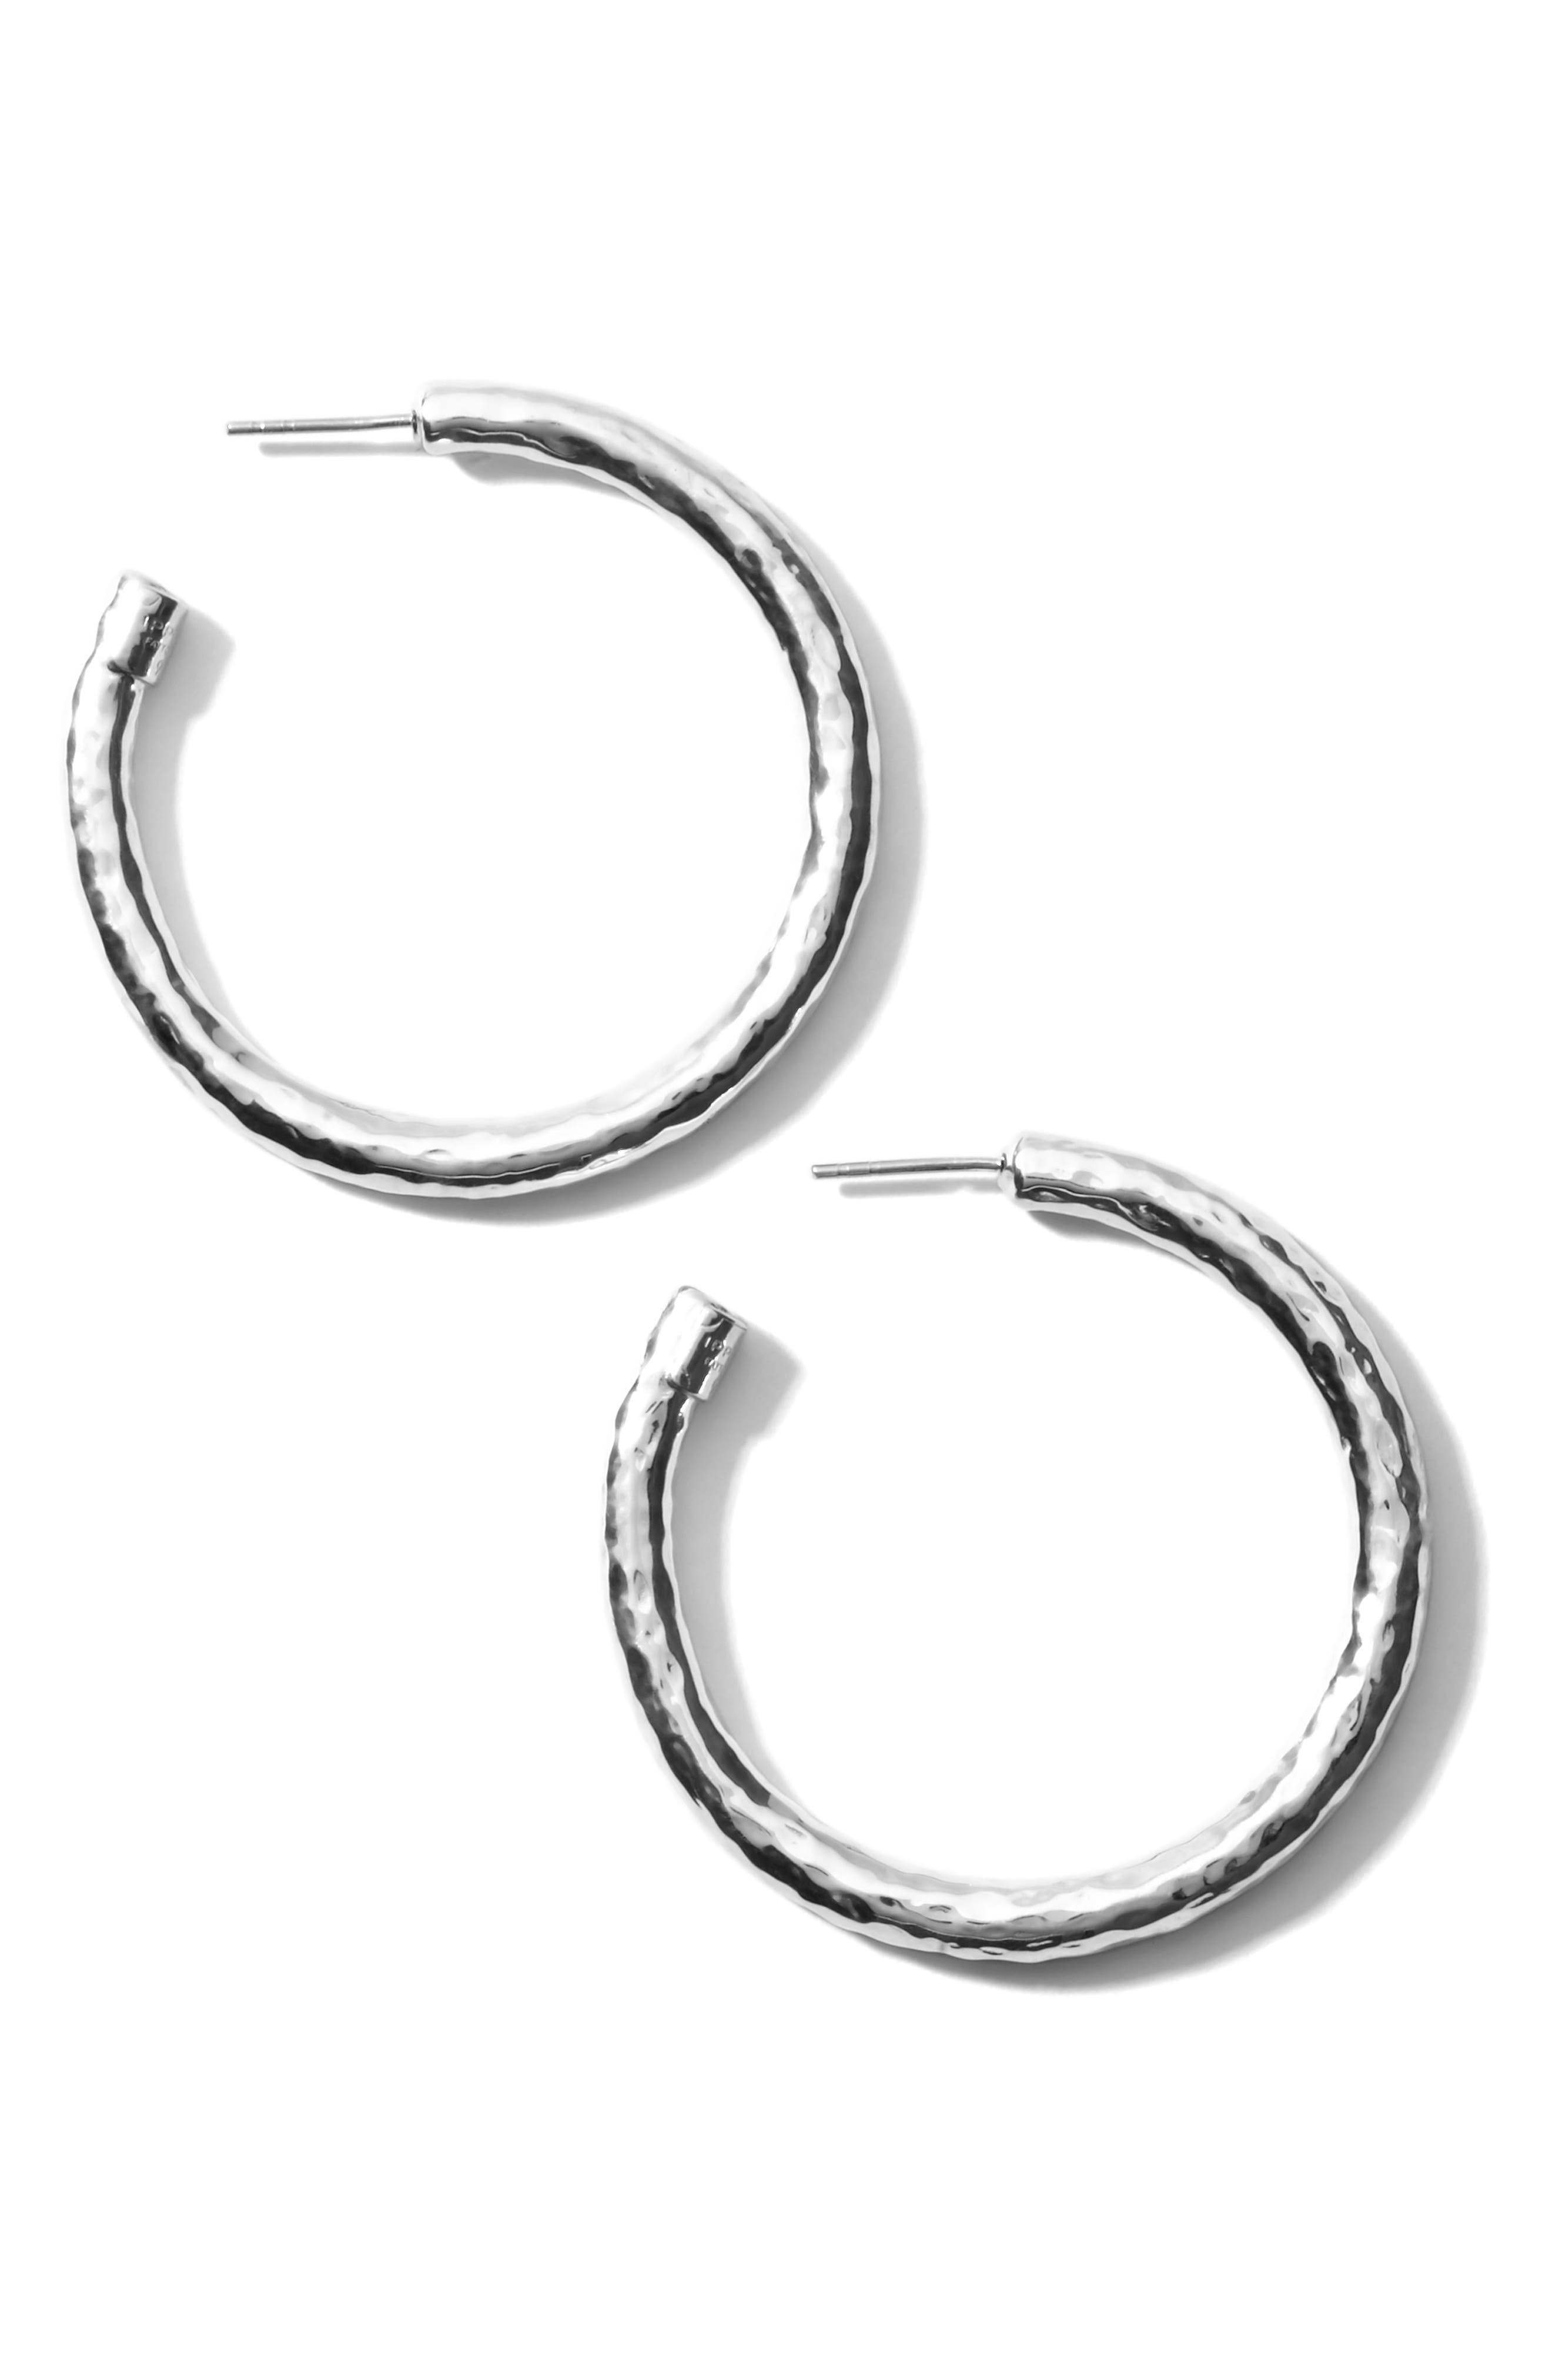 'Glamazon - Number 3' Skinny Hammered Hoop Earrings,                             Alternate thumbnail 3, color,                             049